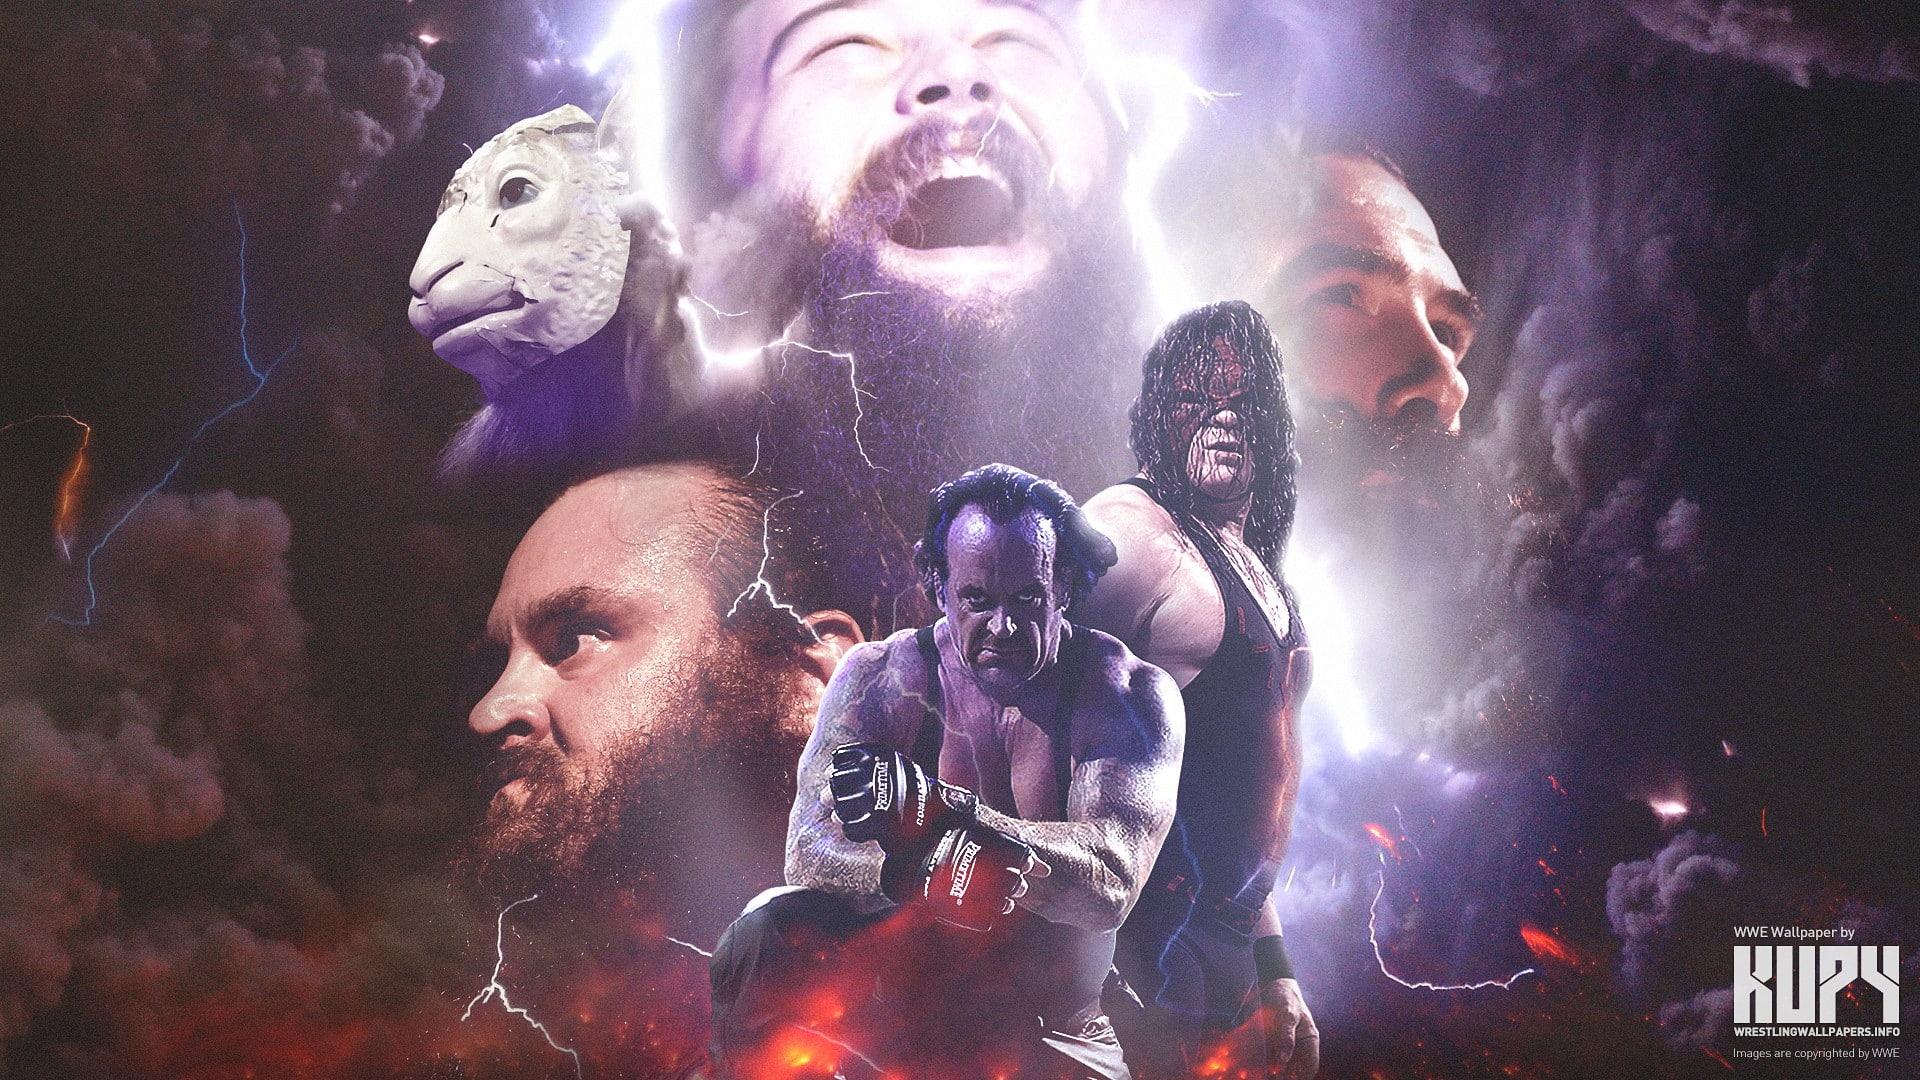 HD wallpaper WWE Undertaker Wallpaper Flare 1920x1080